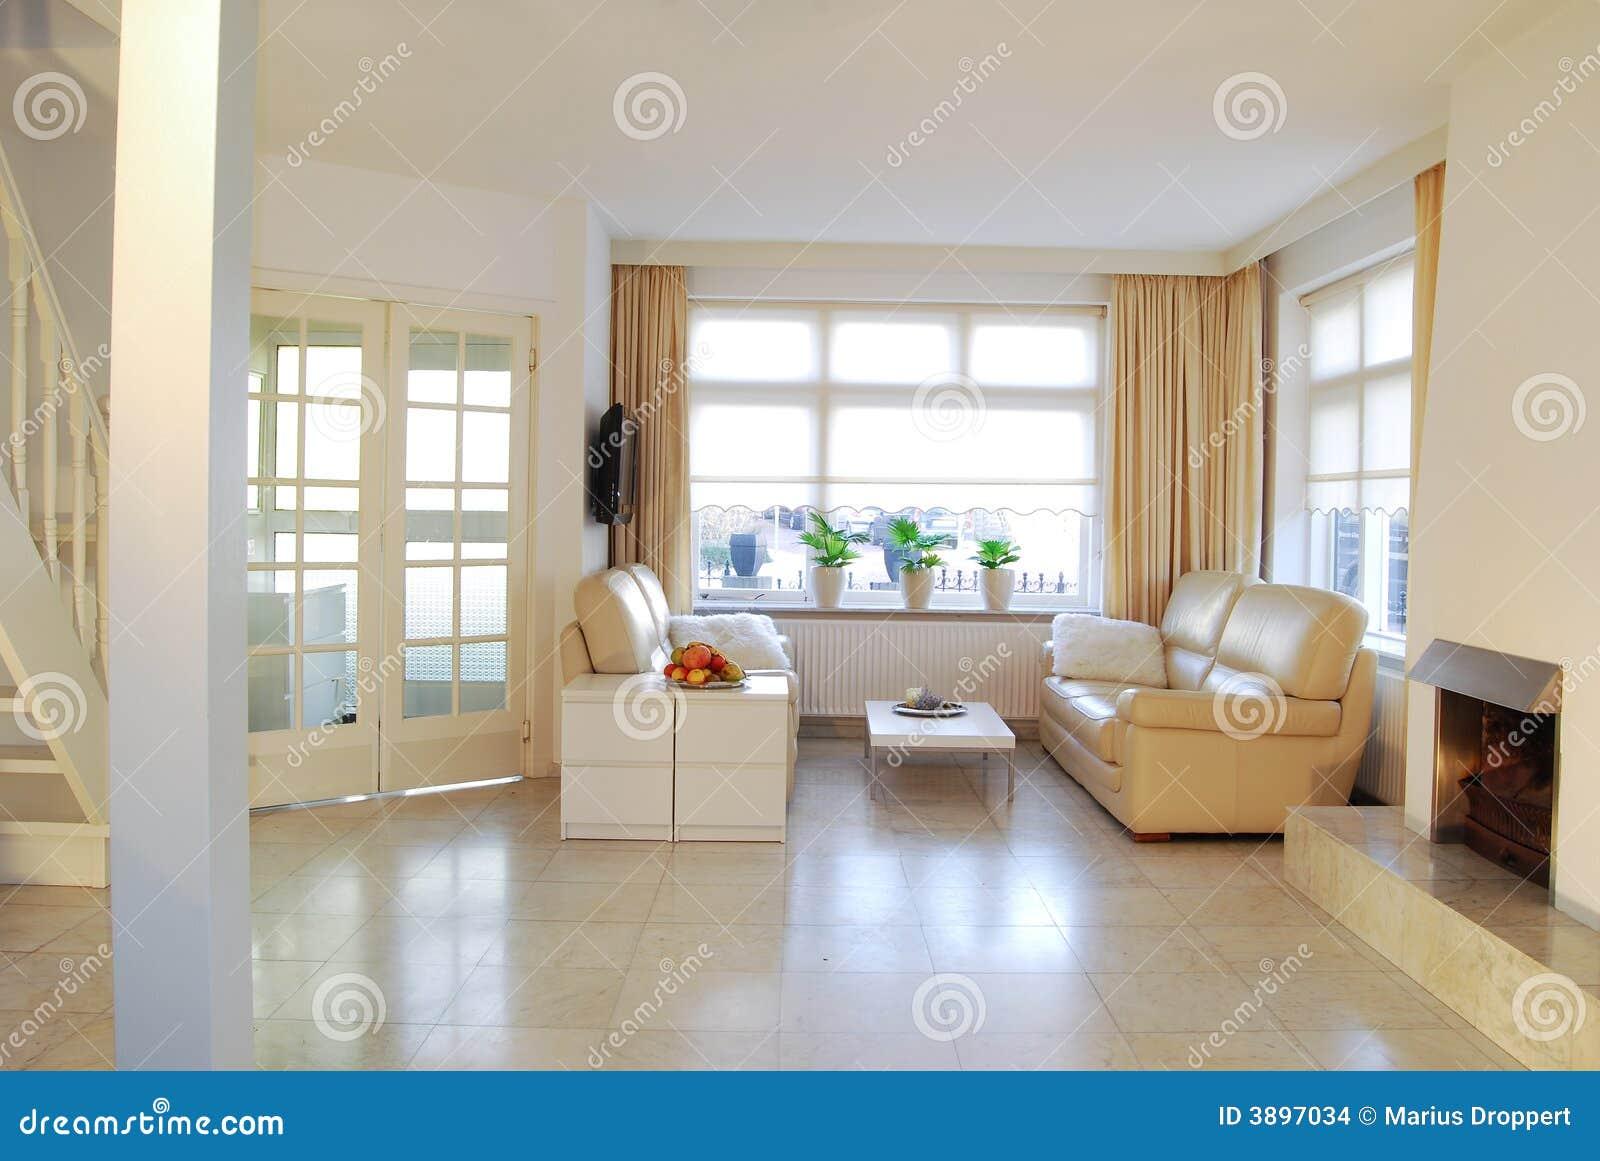 Woonkamer met witte meubels : woonkamer met witte meubels ...